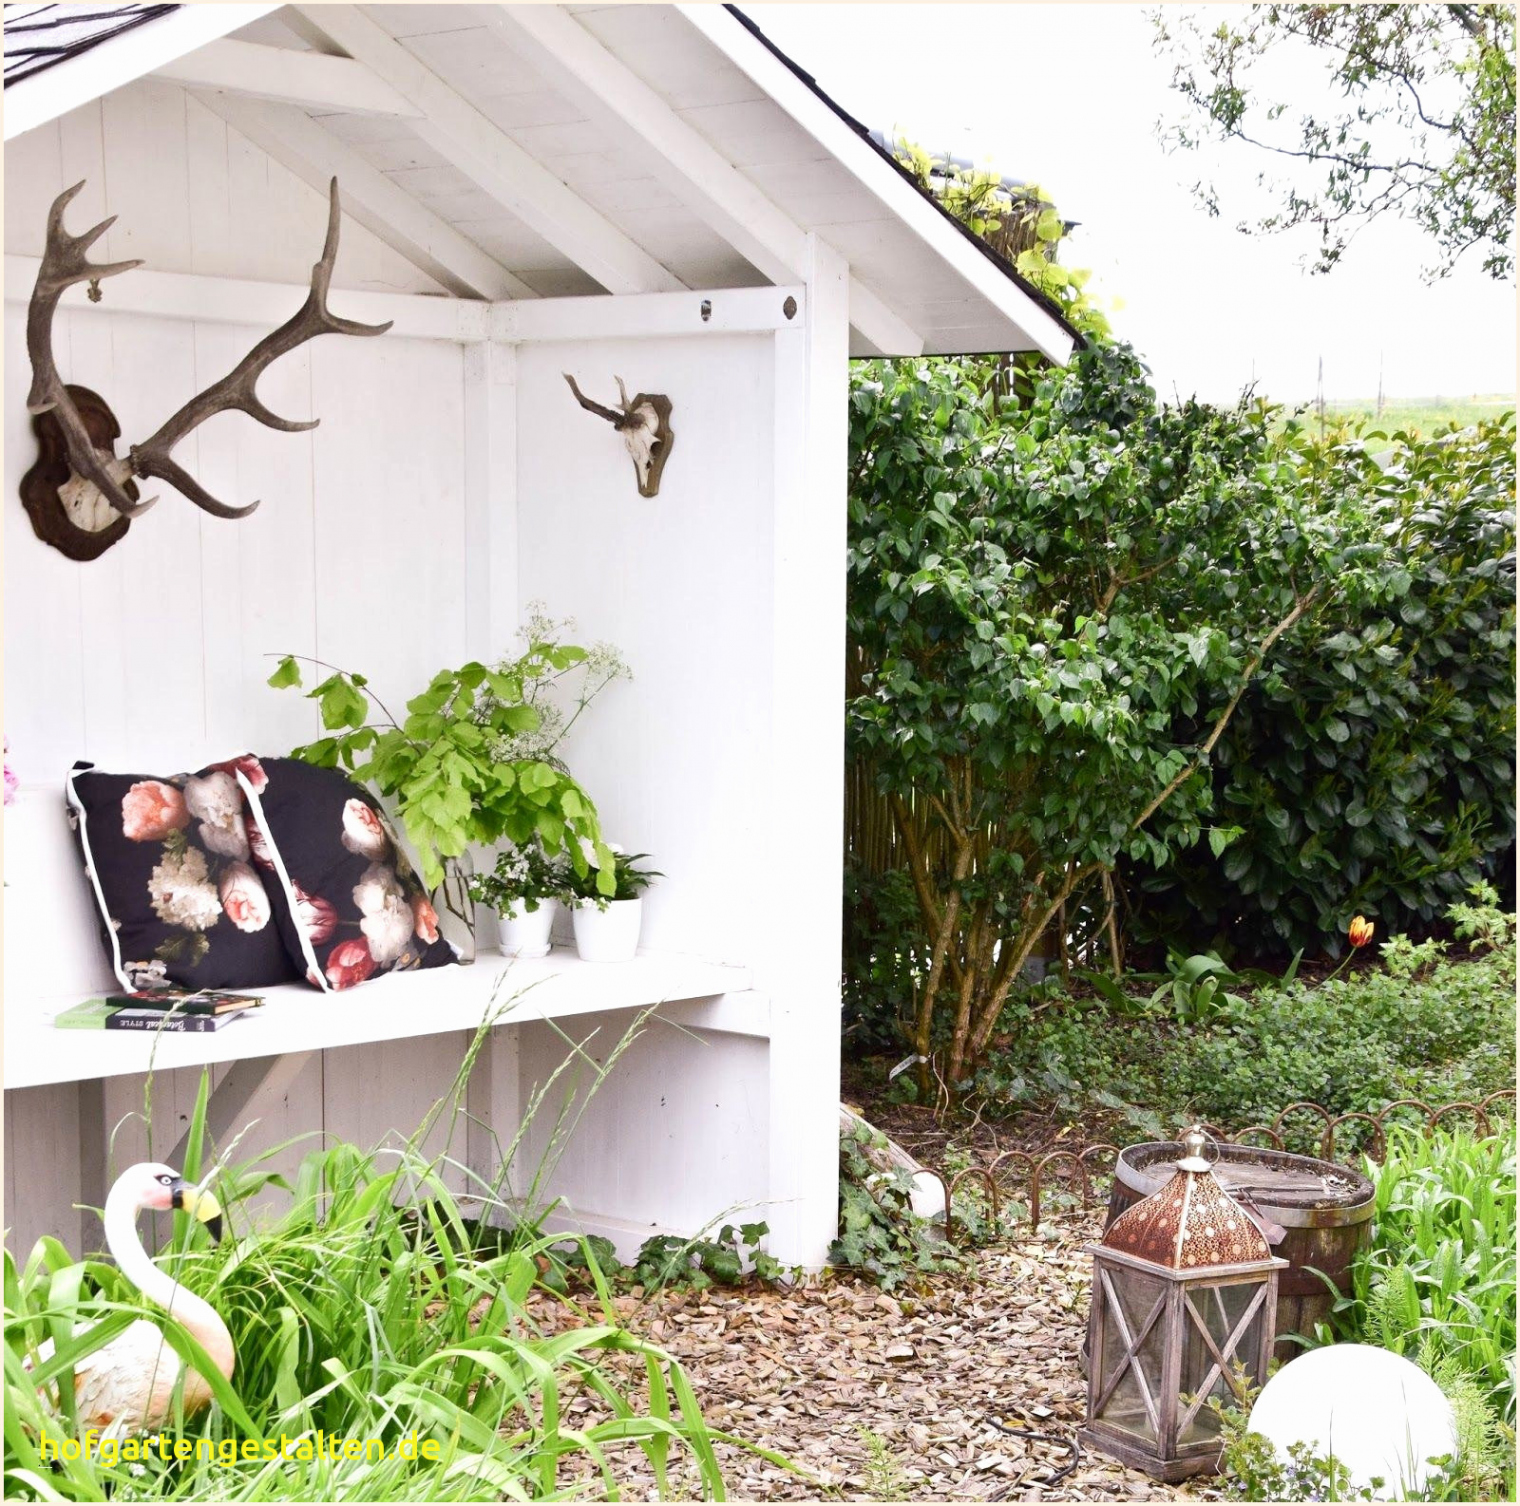 Baumwurzel Deko Garten Schön Gartendeko Selbstgemacht Basteln — Temobardz Home Blog